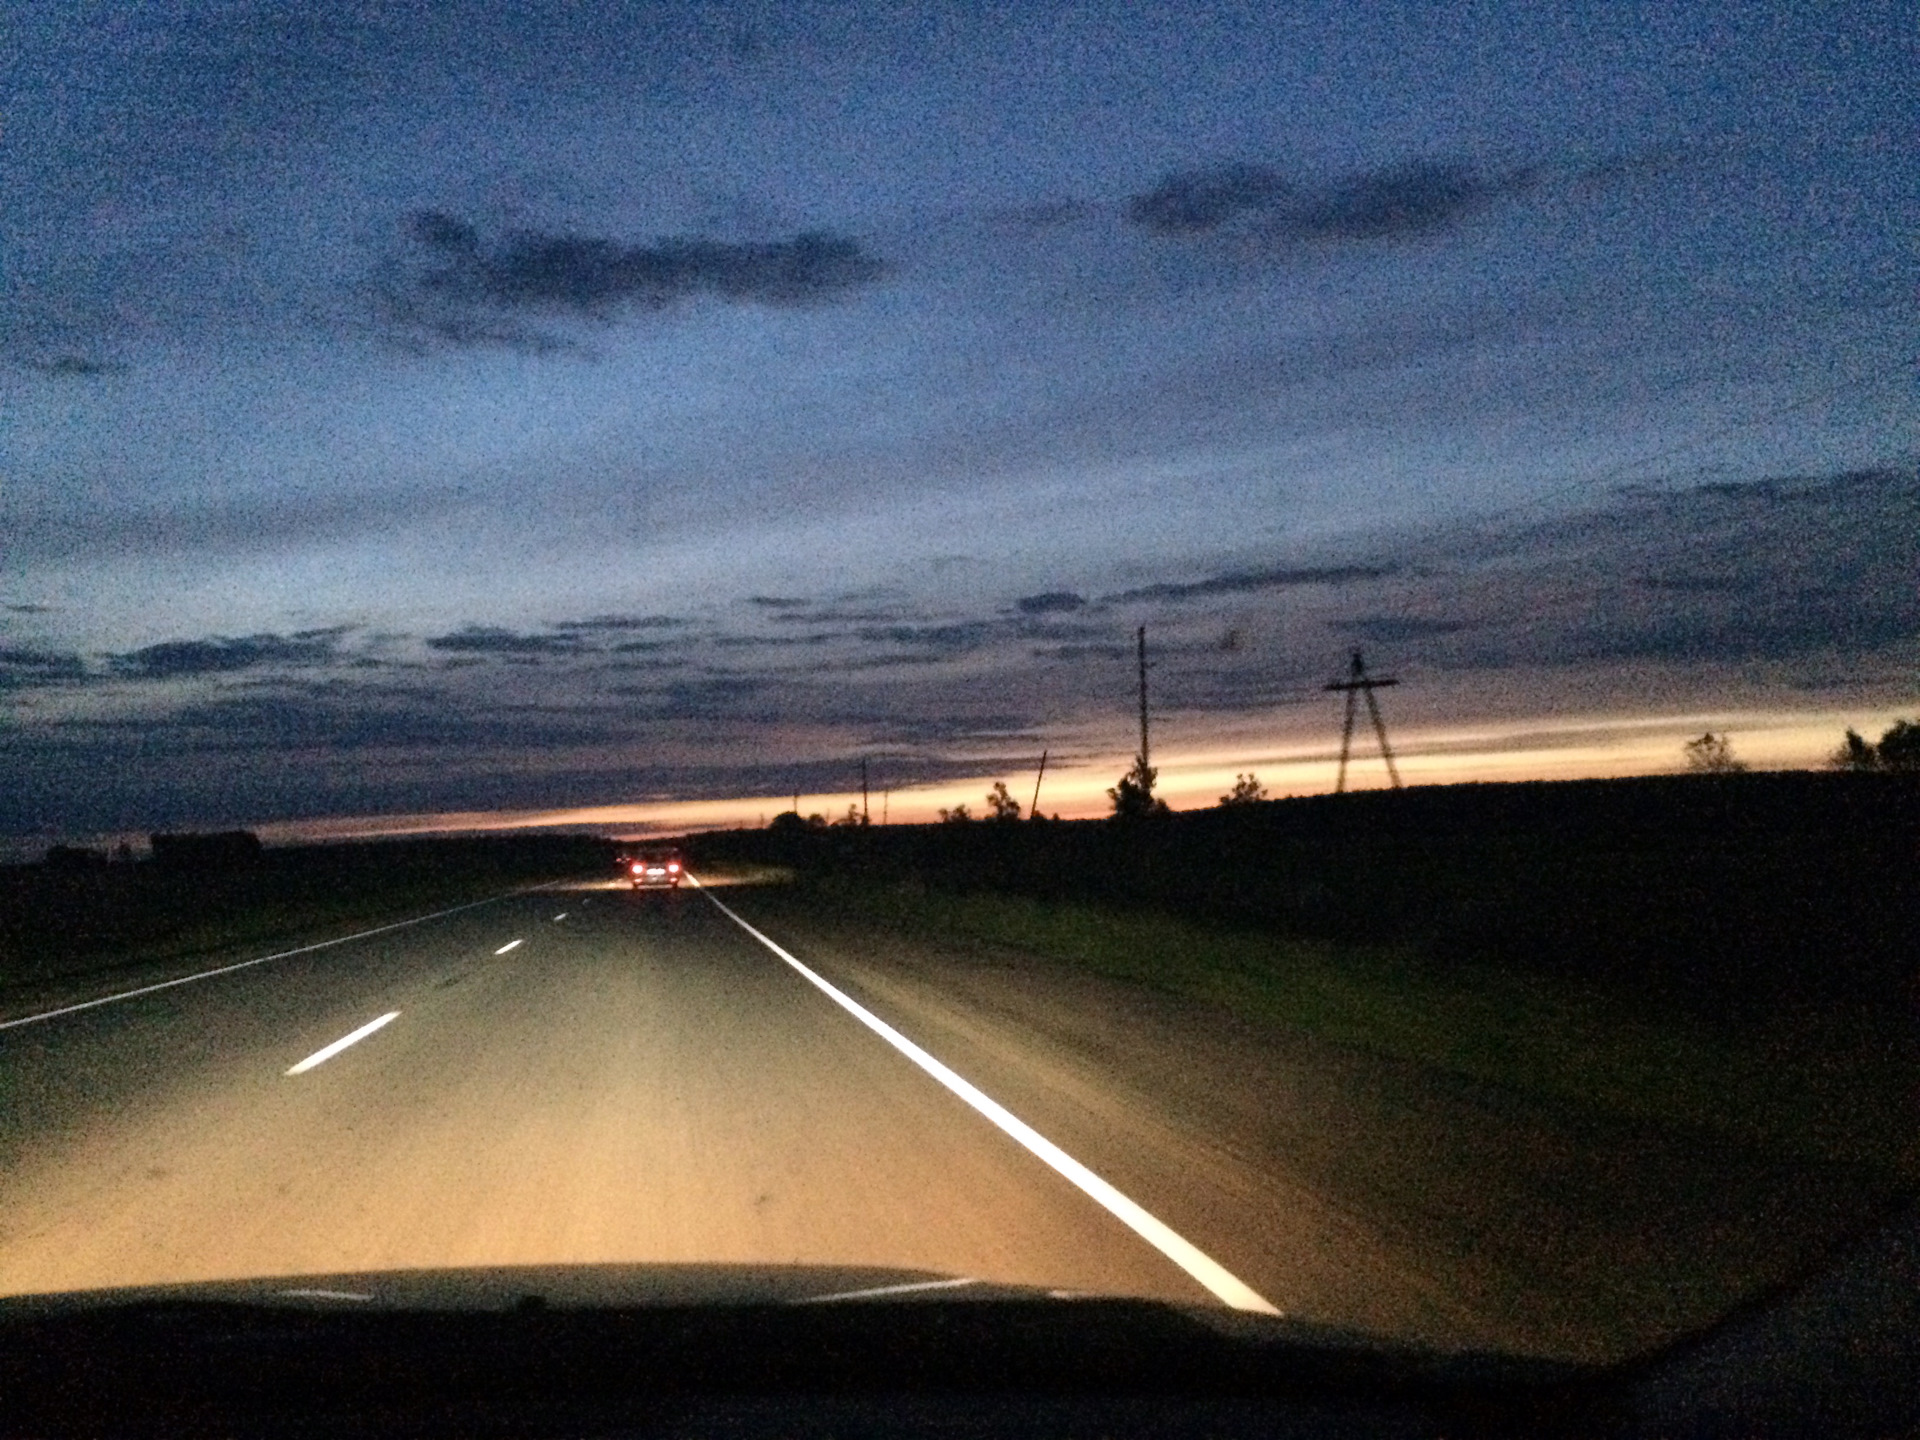 фото ночной дороги из авто болтик возле красной